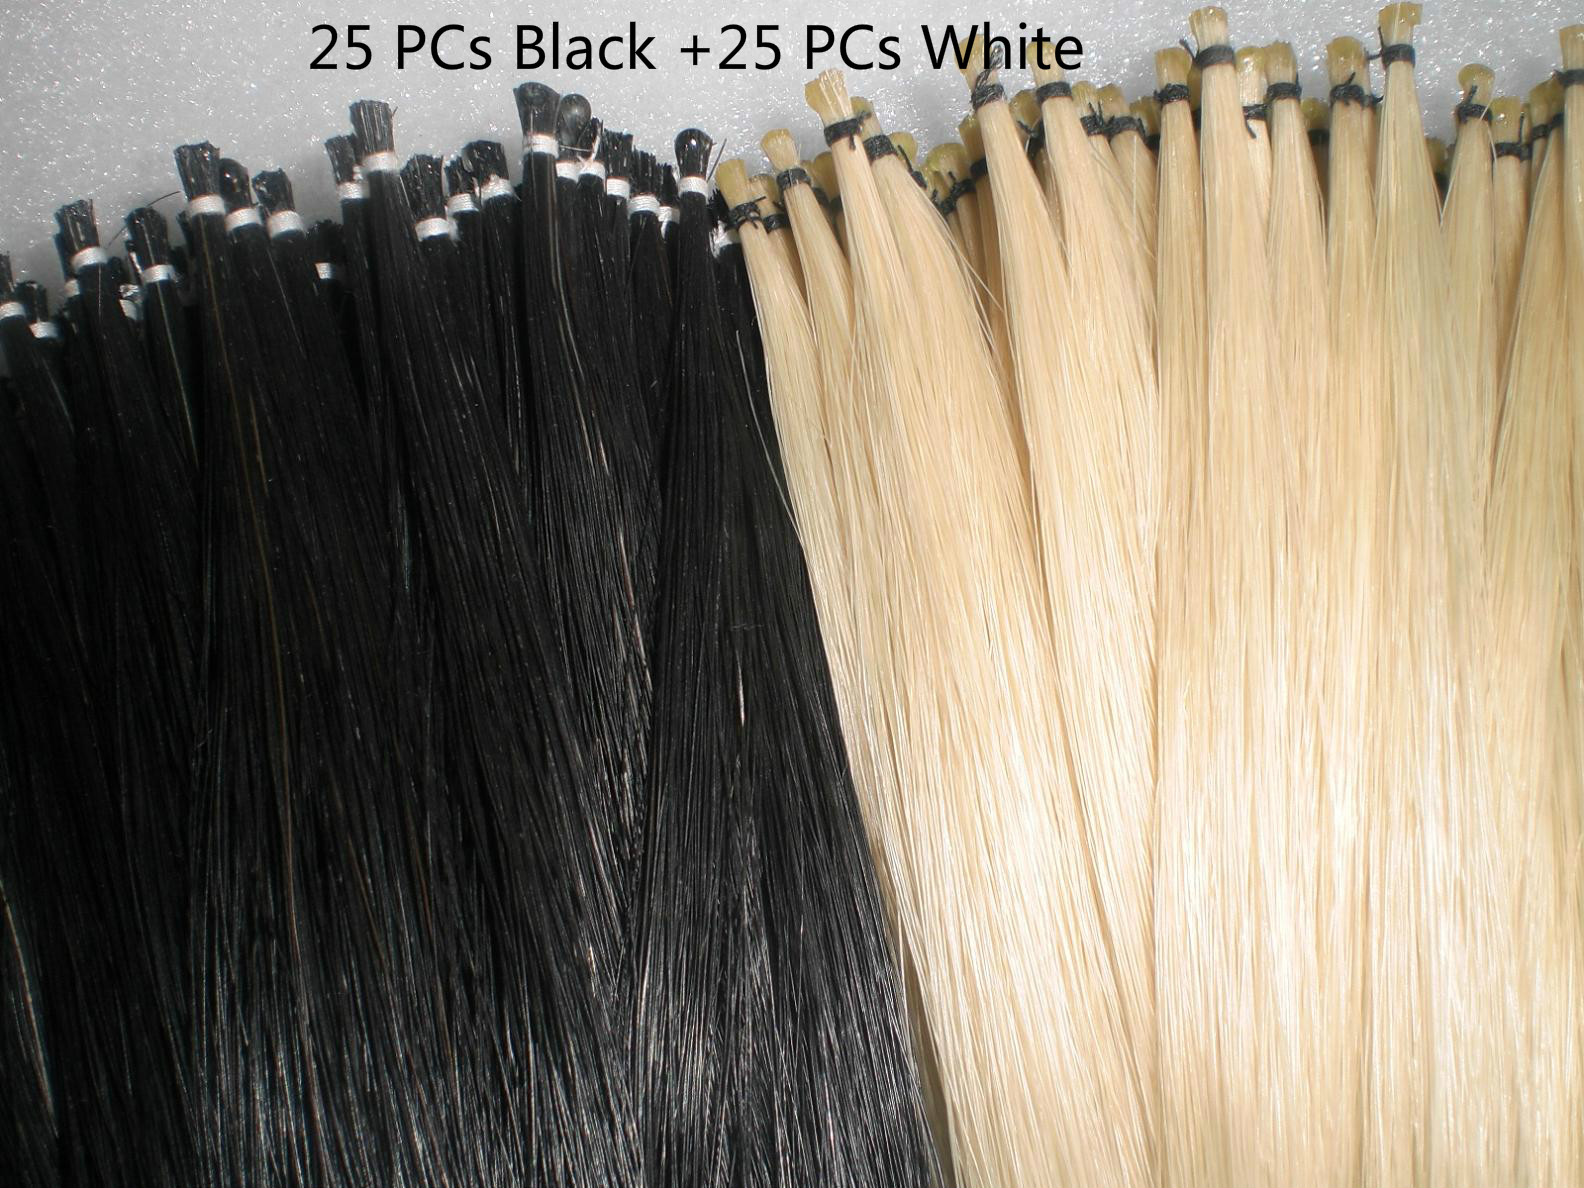 Horse Tail Hair Violin Bow Hair Cello Bow Hair Real Mongolia Horse Tail Hair 80cm To 85cm Length